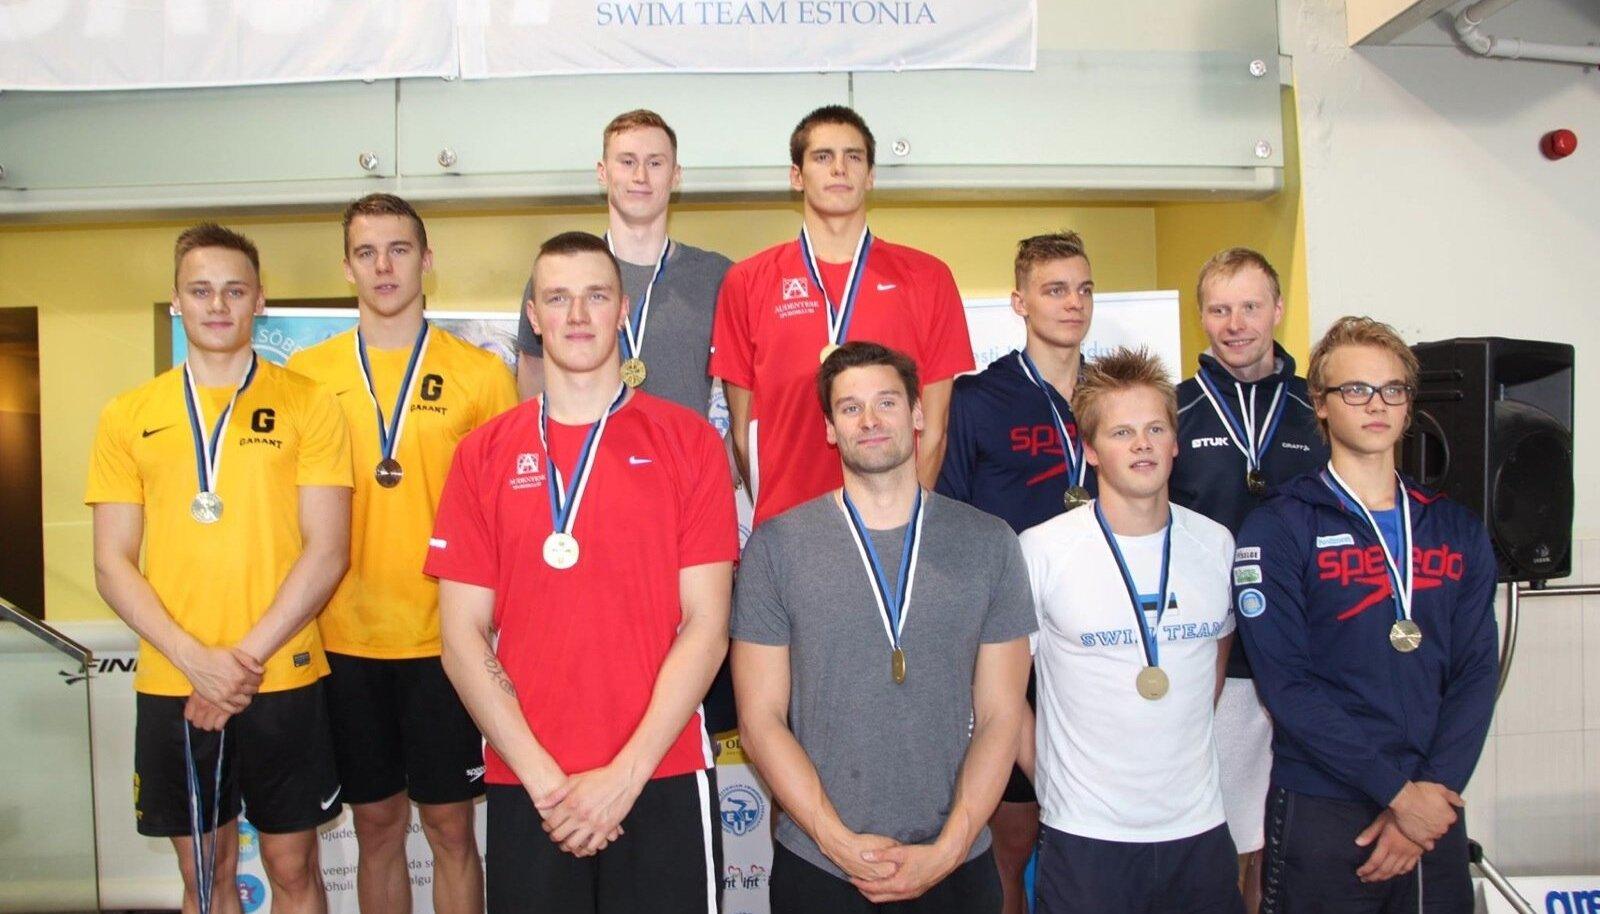 Audentese Spordiklubi kuldne nelik koosseisus Ralf Tribuntsov (üleval paremal), Henri Reinsalu (üleval vasakul), Martti Aljand (all paremal) ja Pjotr Degtjarjov (all vasakul).